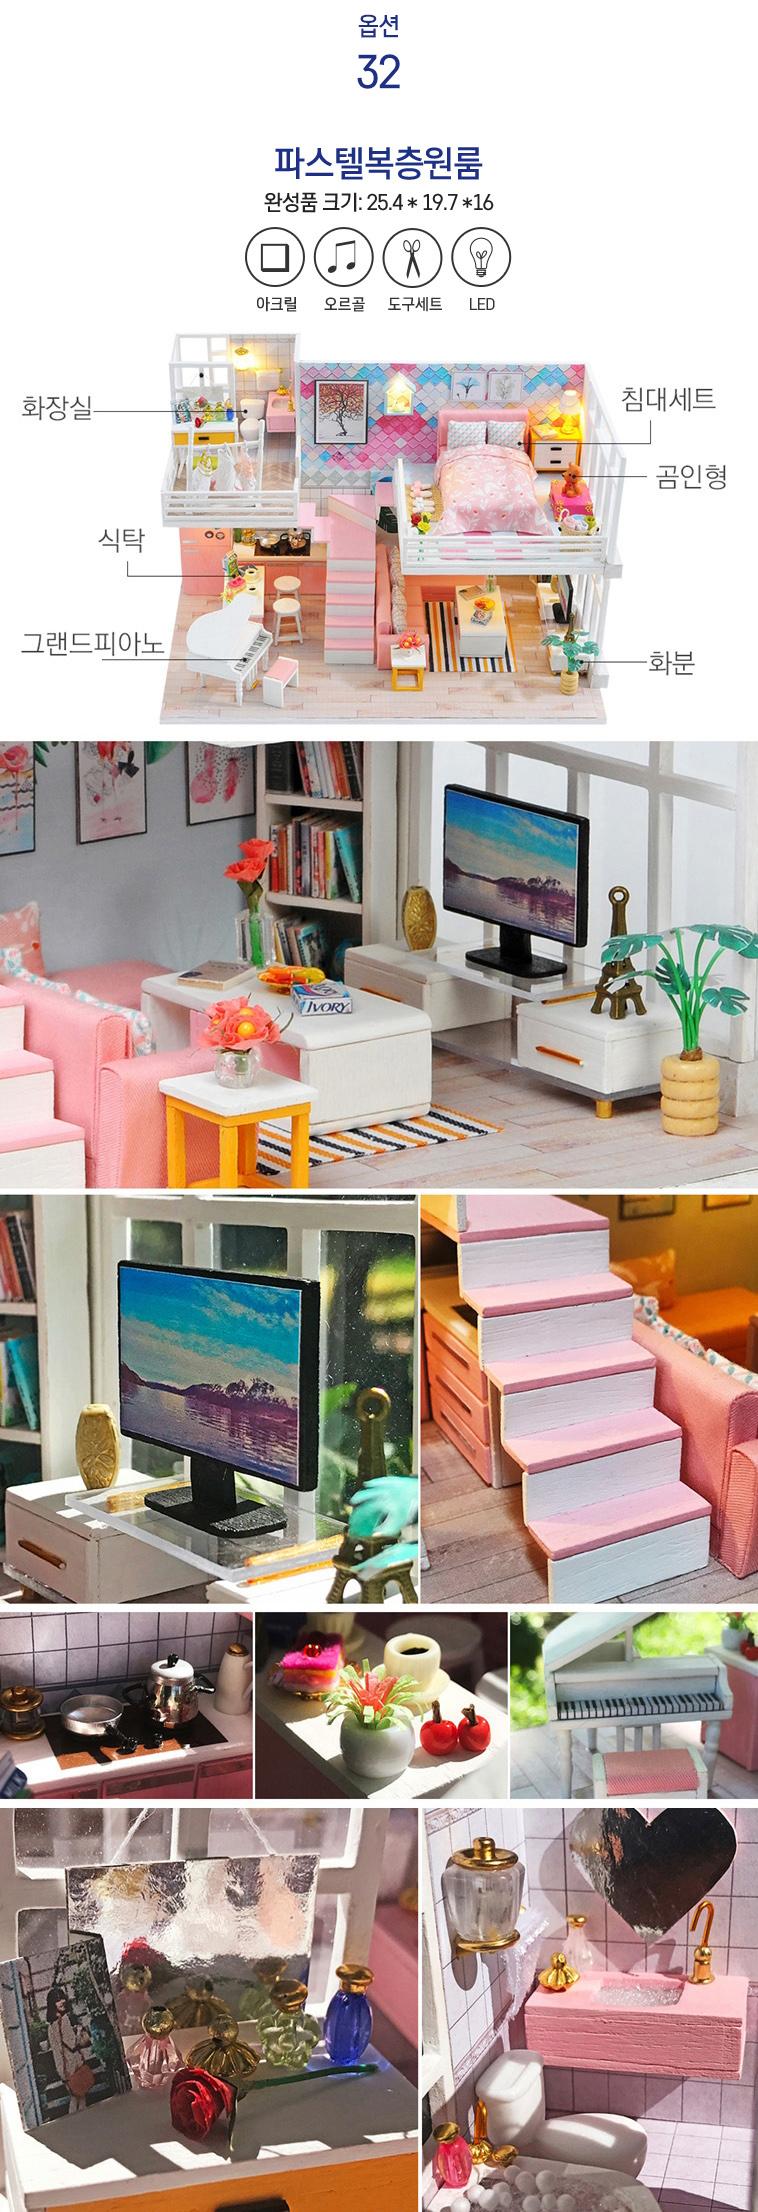 DIY 미니어쳐 하우스 만들기 파스텔복층원룸 - 옥탑방어른이, 27,900원, 미니어처 DIY, 미니어처 만들기 패키지